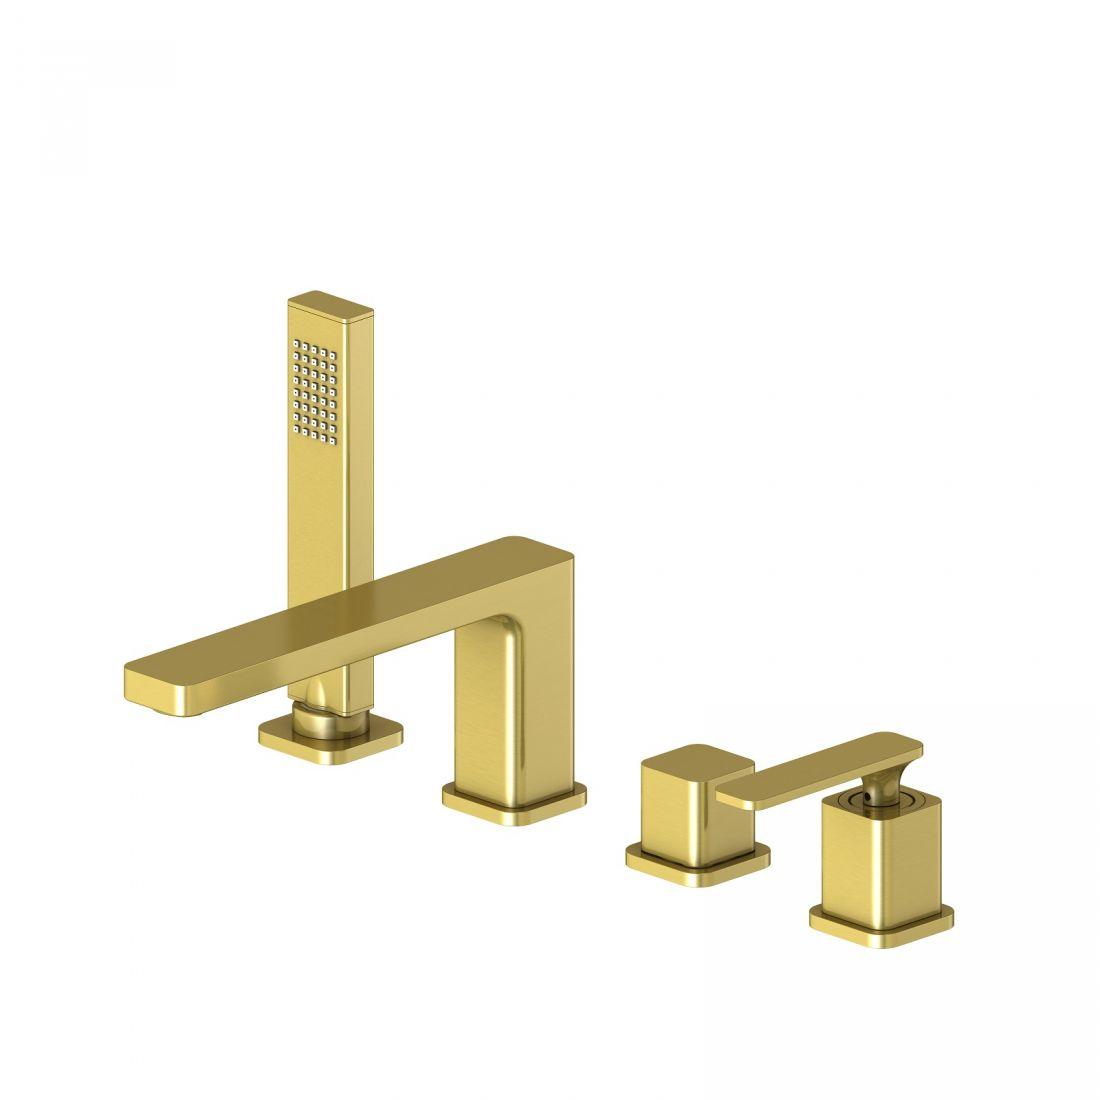 Смеситель для ванны с душем, врезной Timo Torne (4330/17Y золото матовое